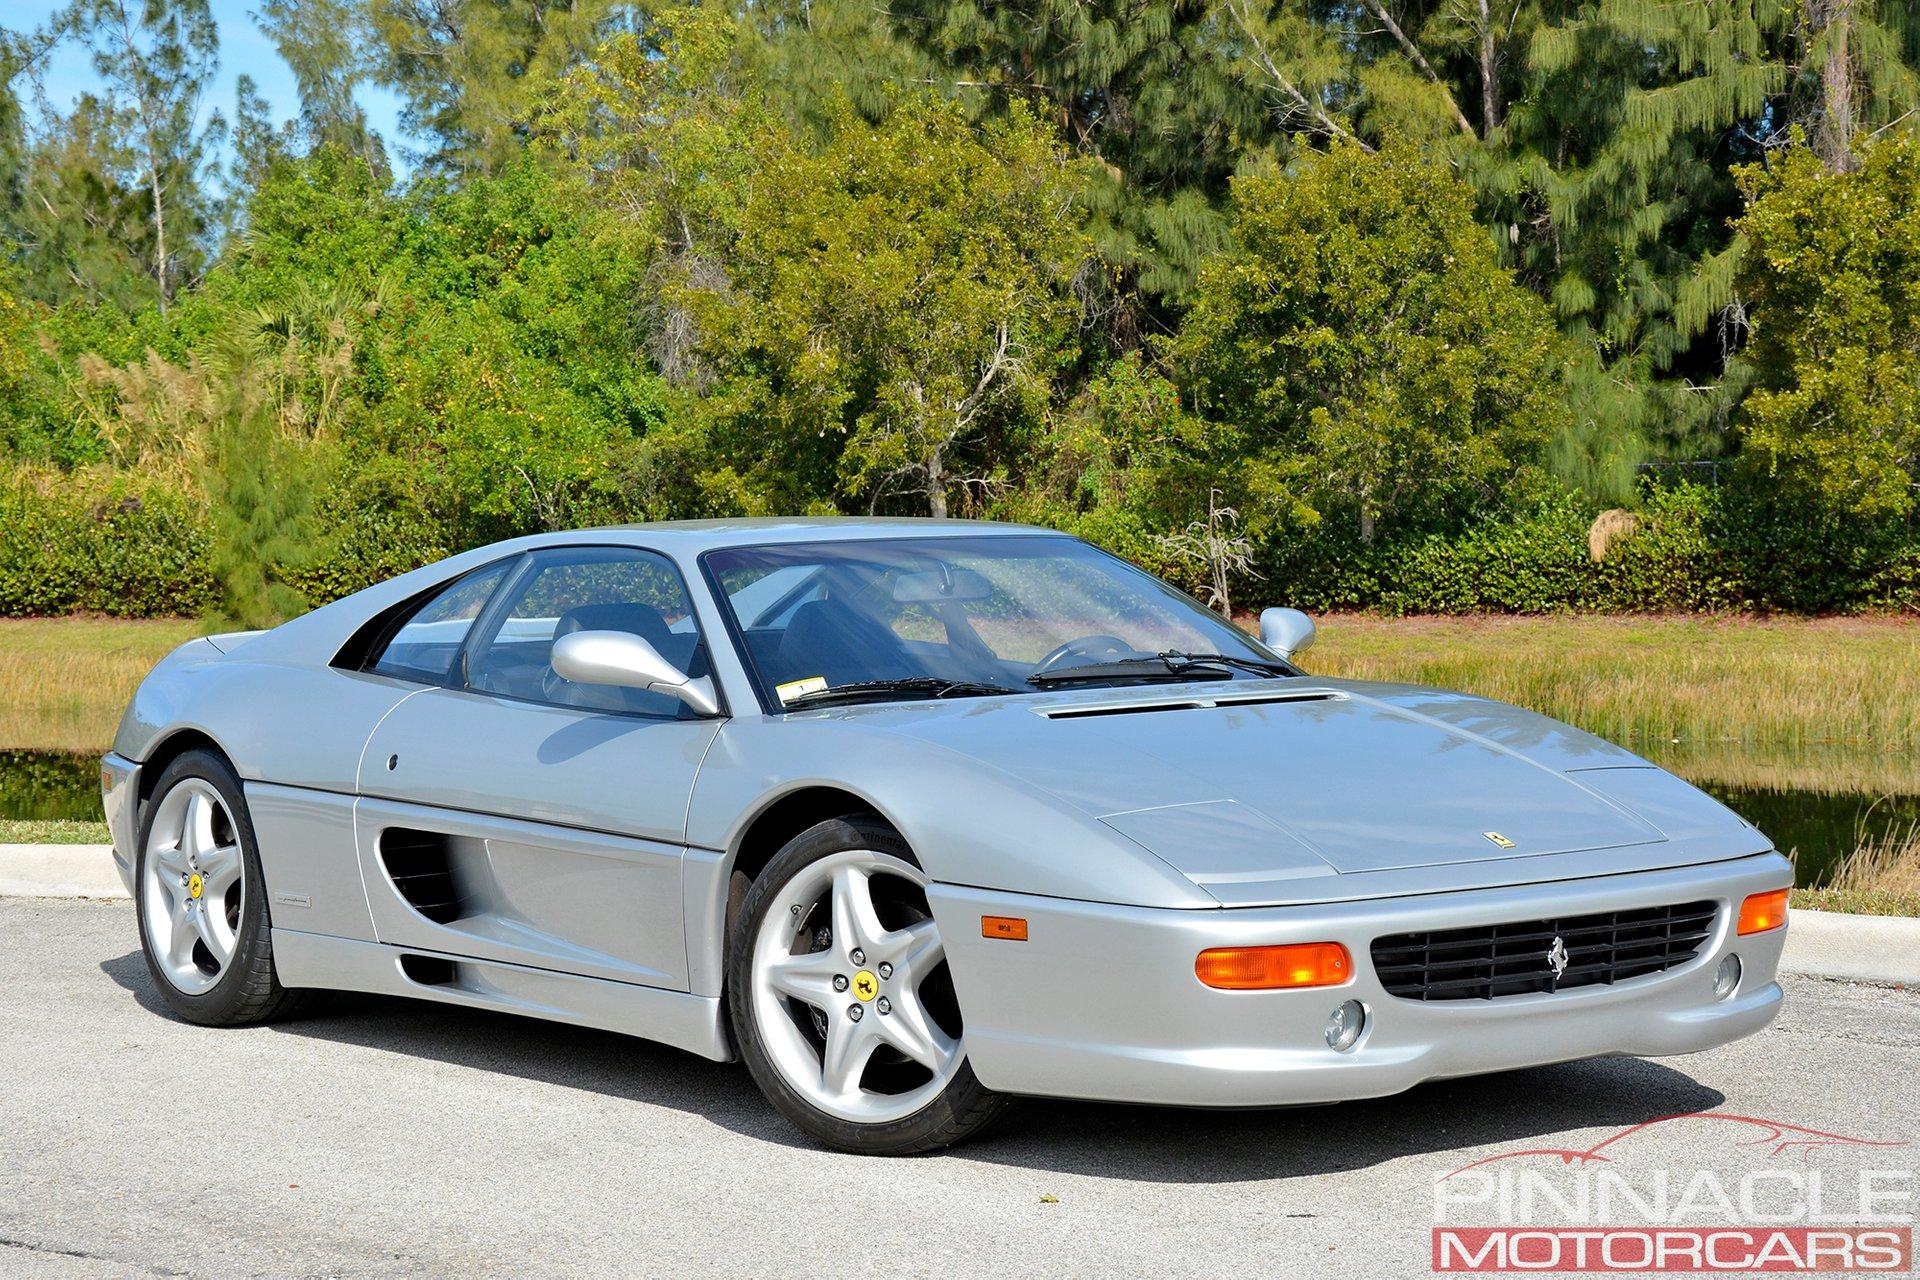 Ferrari 355 For Sale In South Africa